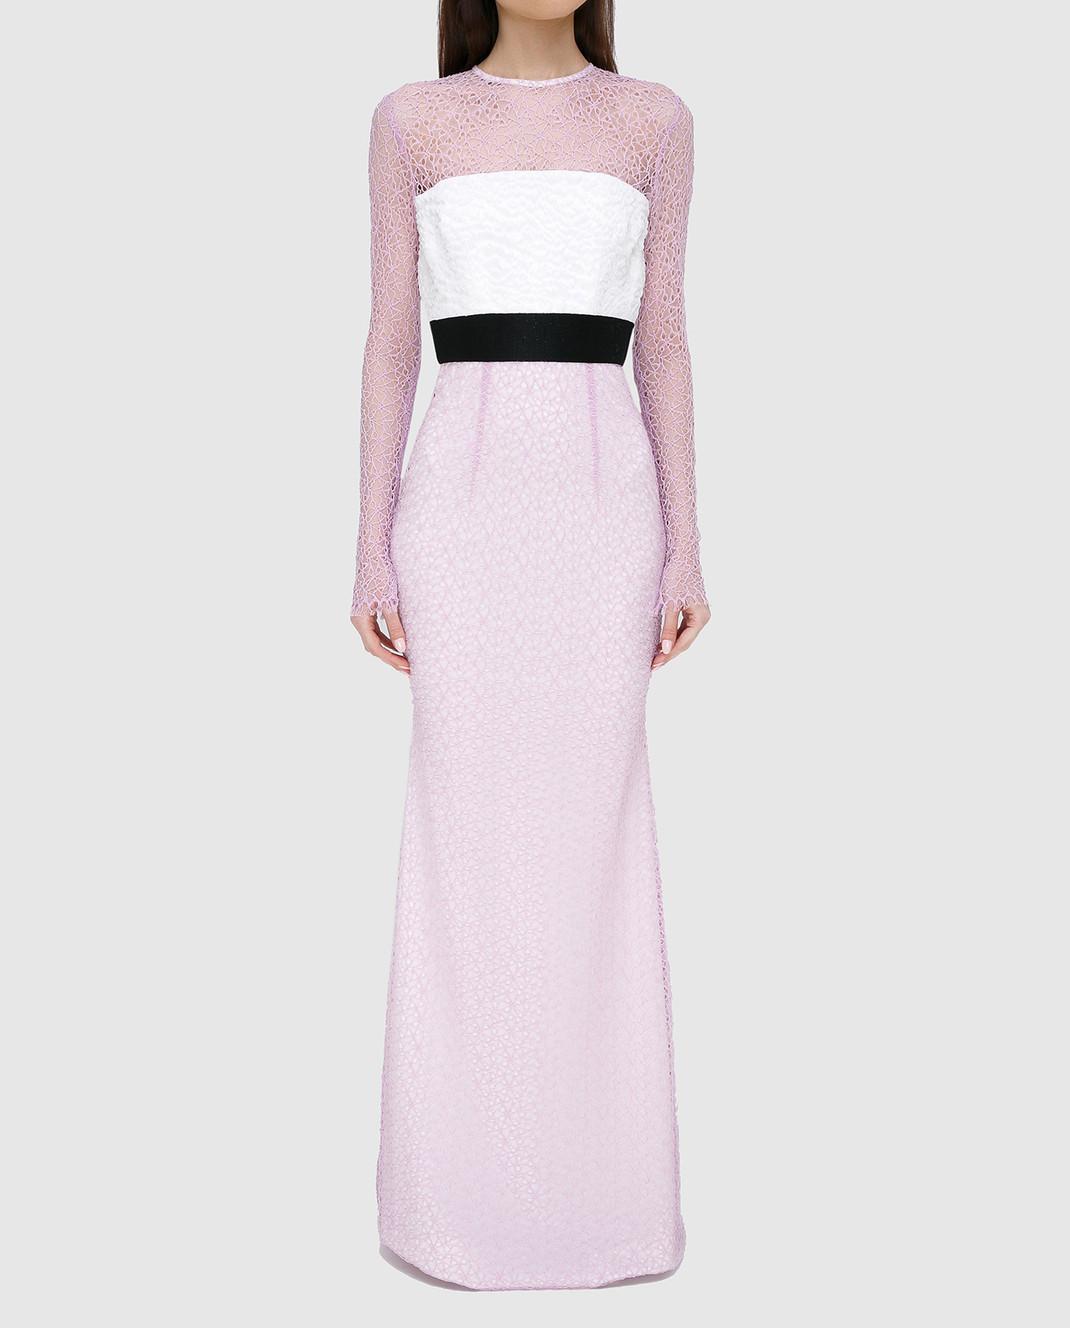 Alex Perry Сиреневое платье из кружева D936 изображение 3